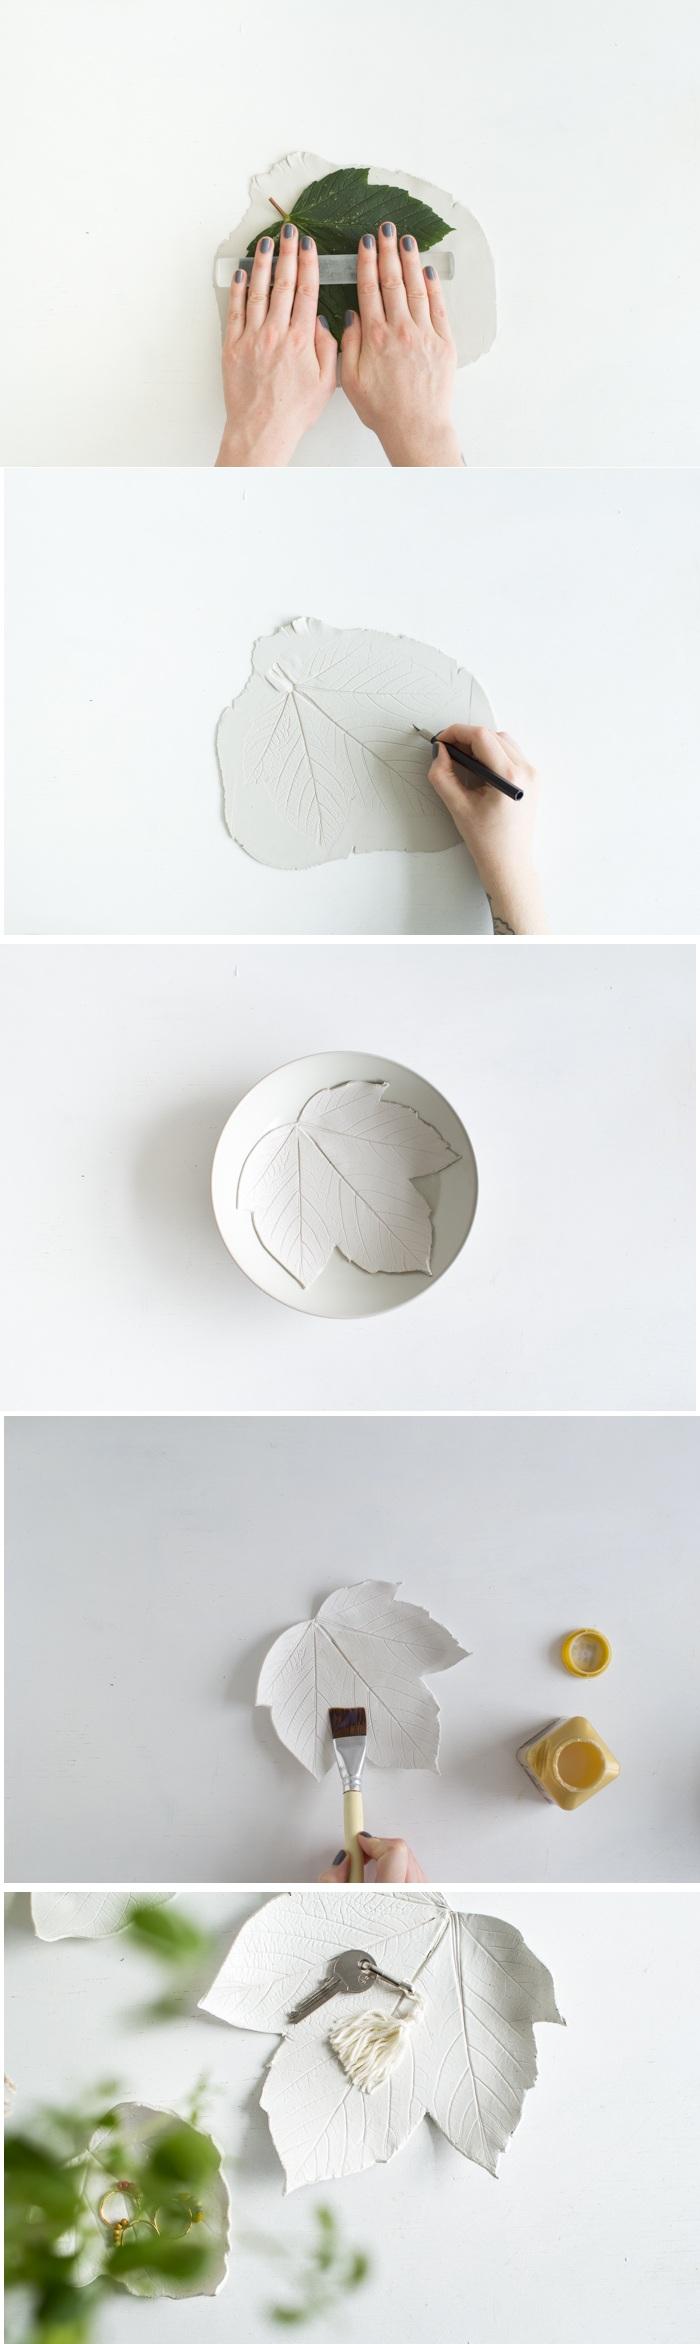 diy schale in form von baumblatt selber machen, schüssel, pinsel